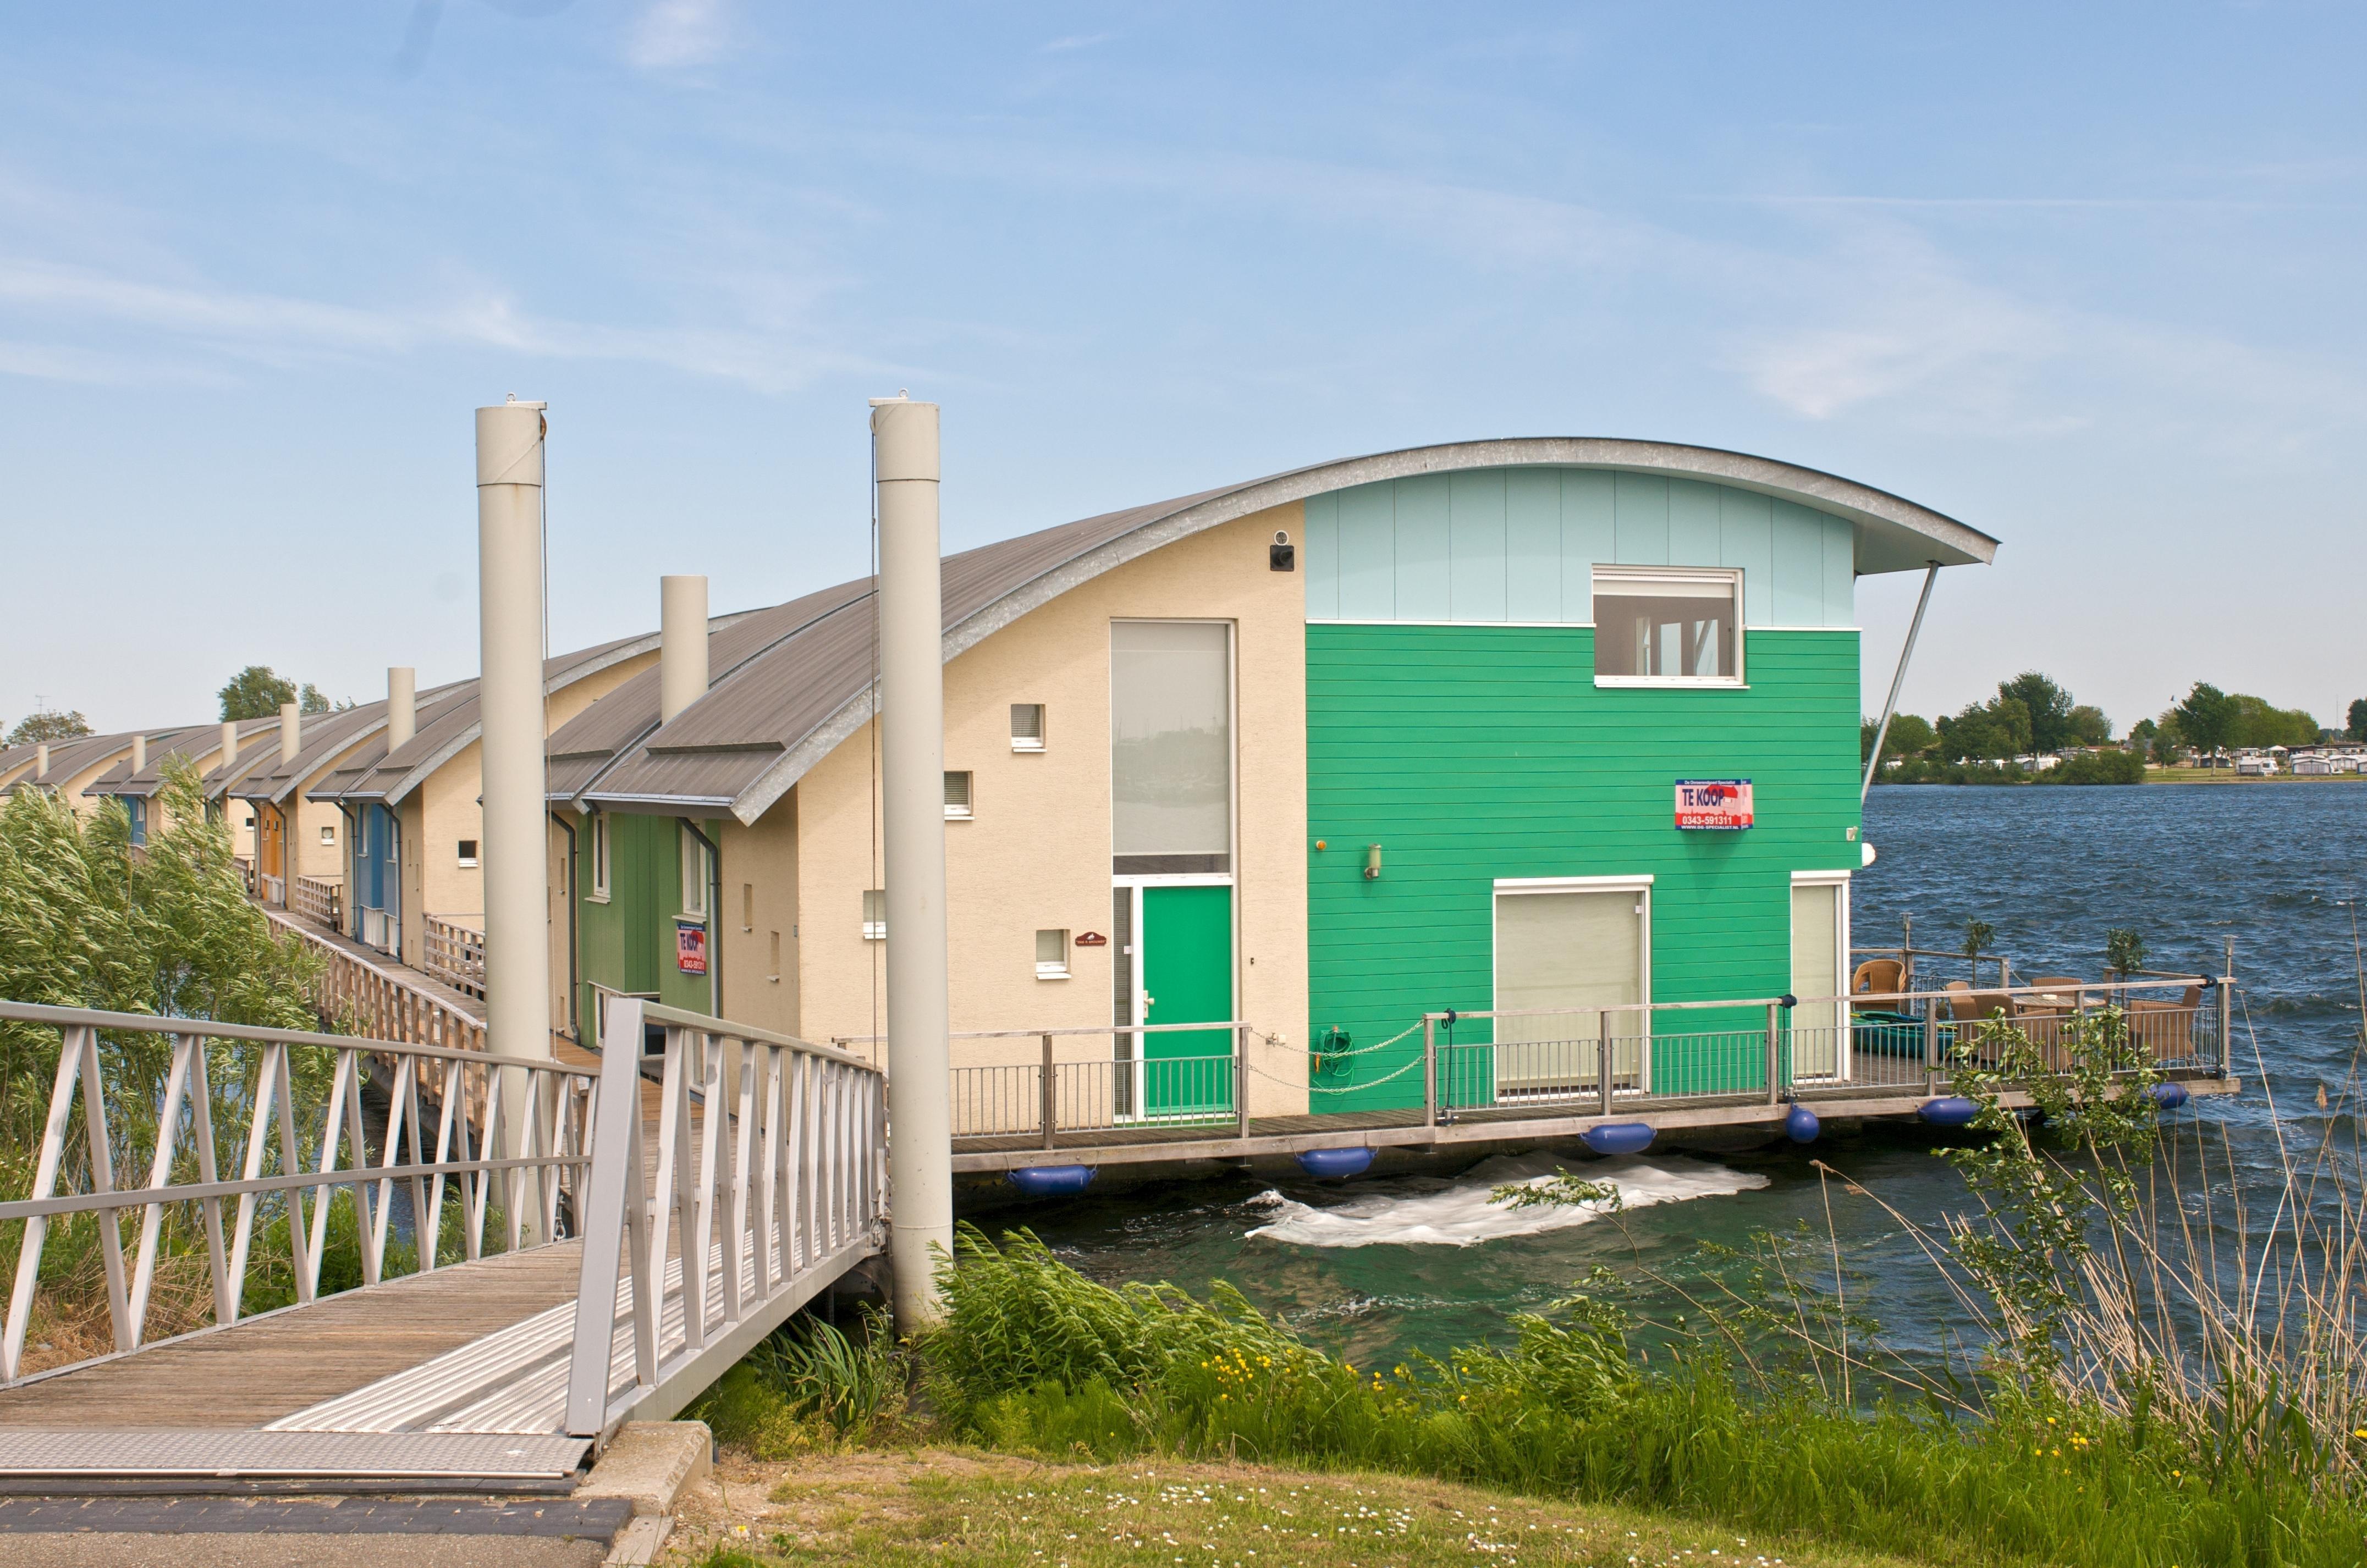 Maison flottante écologique